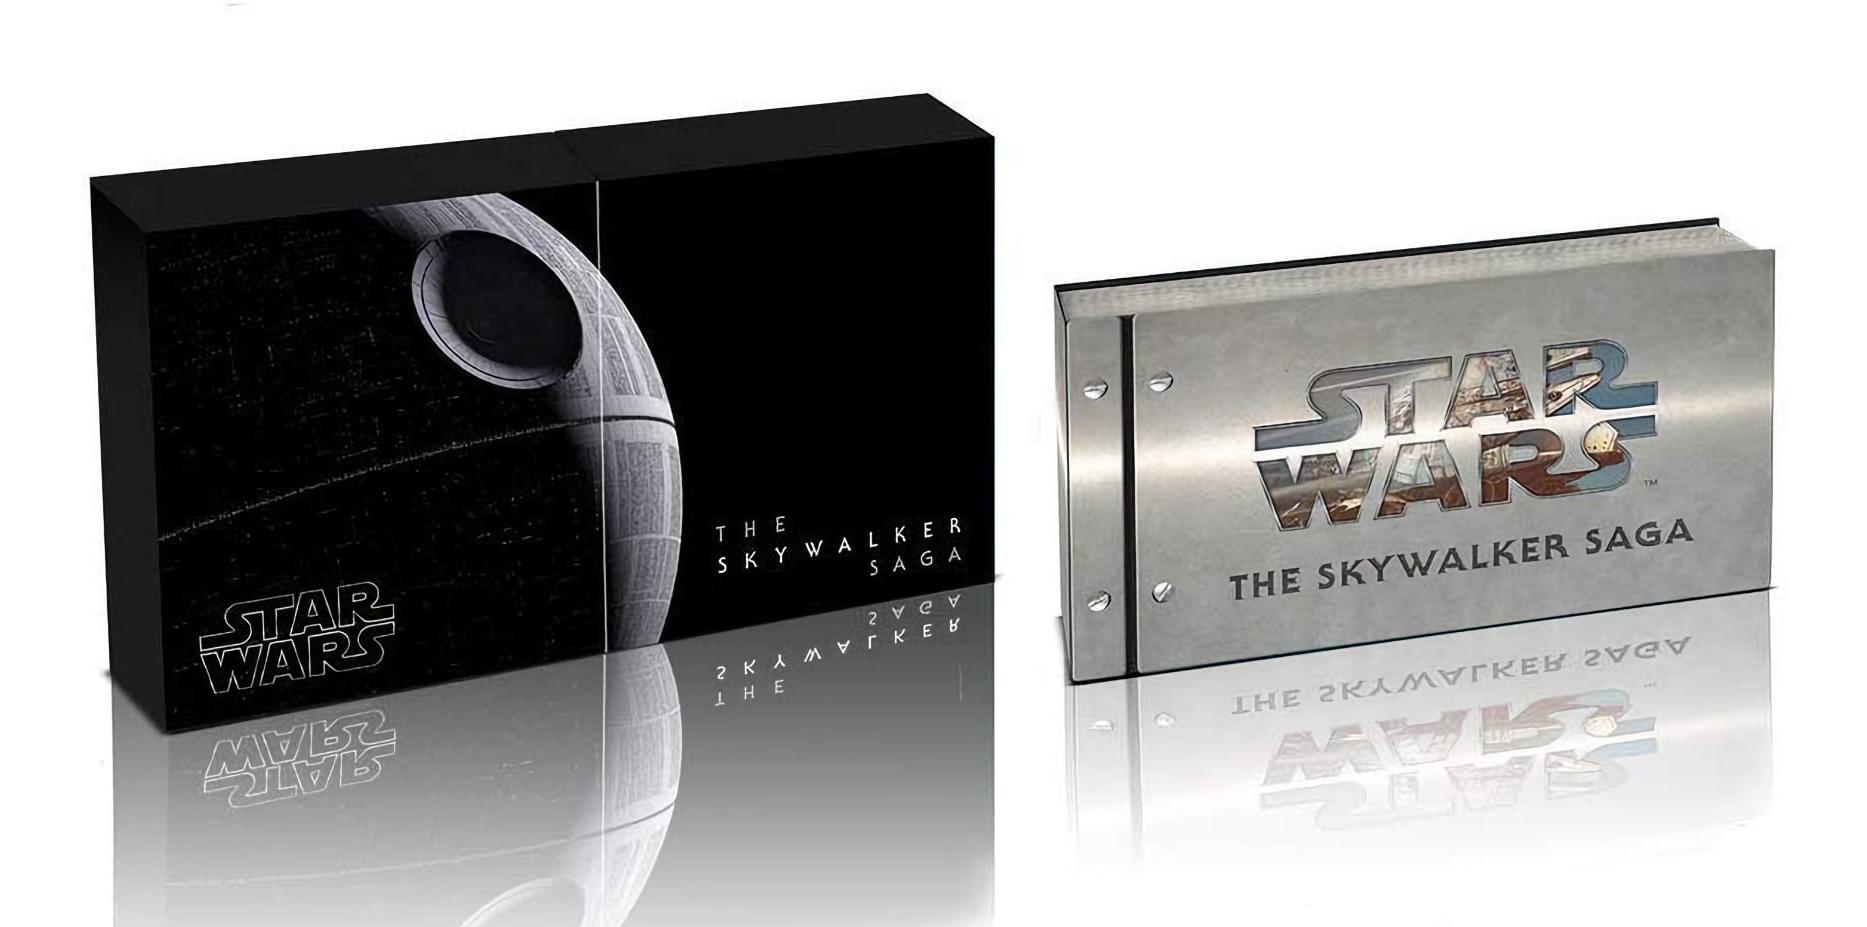 Star Wars: The Skywalker Saga – kompletna kolekcja na 4K UHD Blu-ray już w marcu